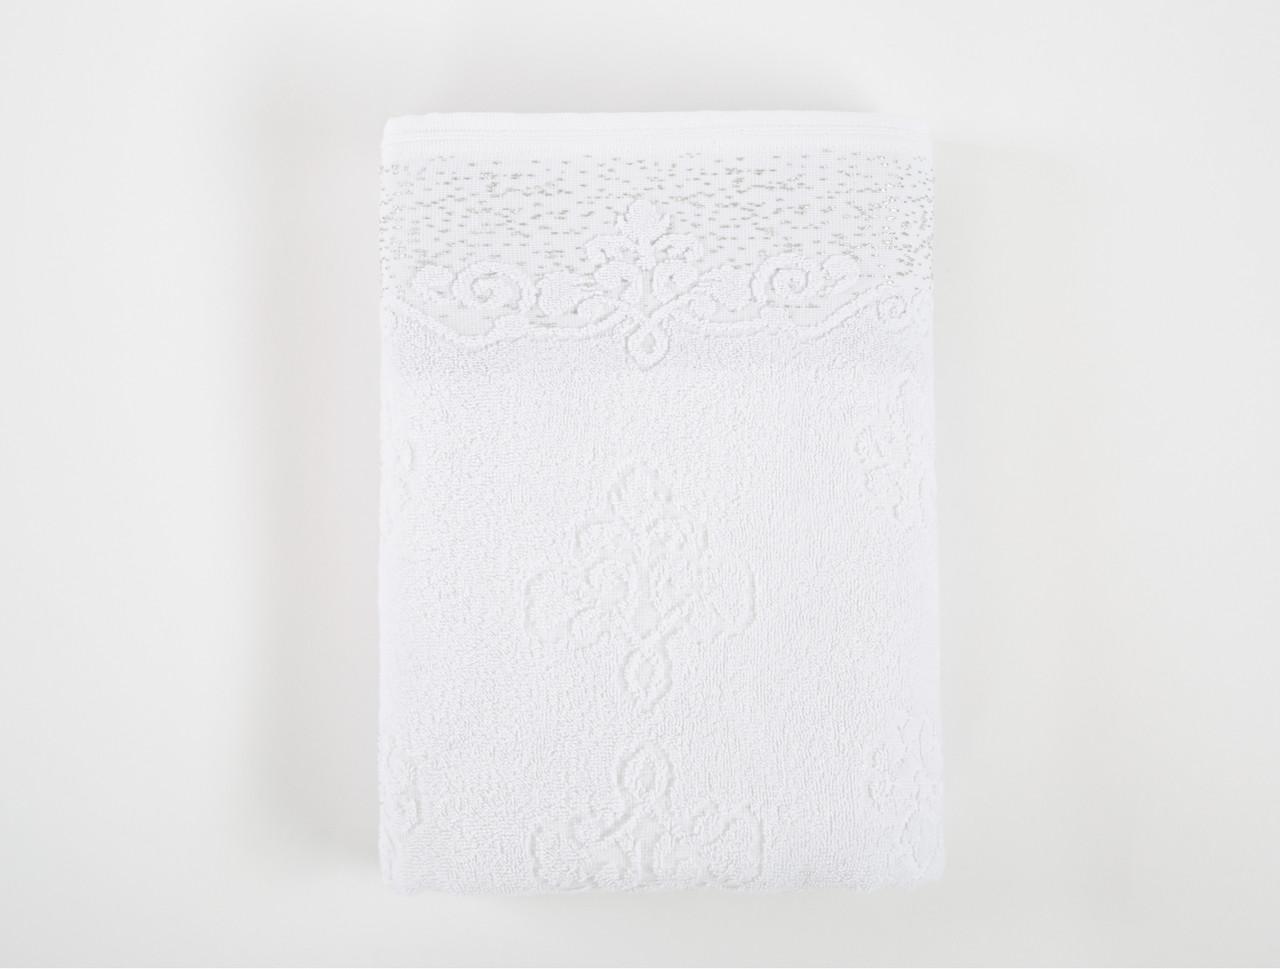 Полотенце Irya Jakarli - New Dora beyaz белый 90*150